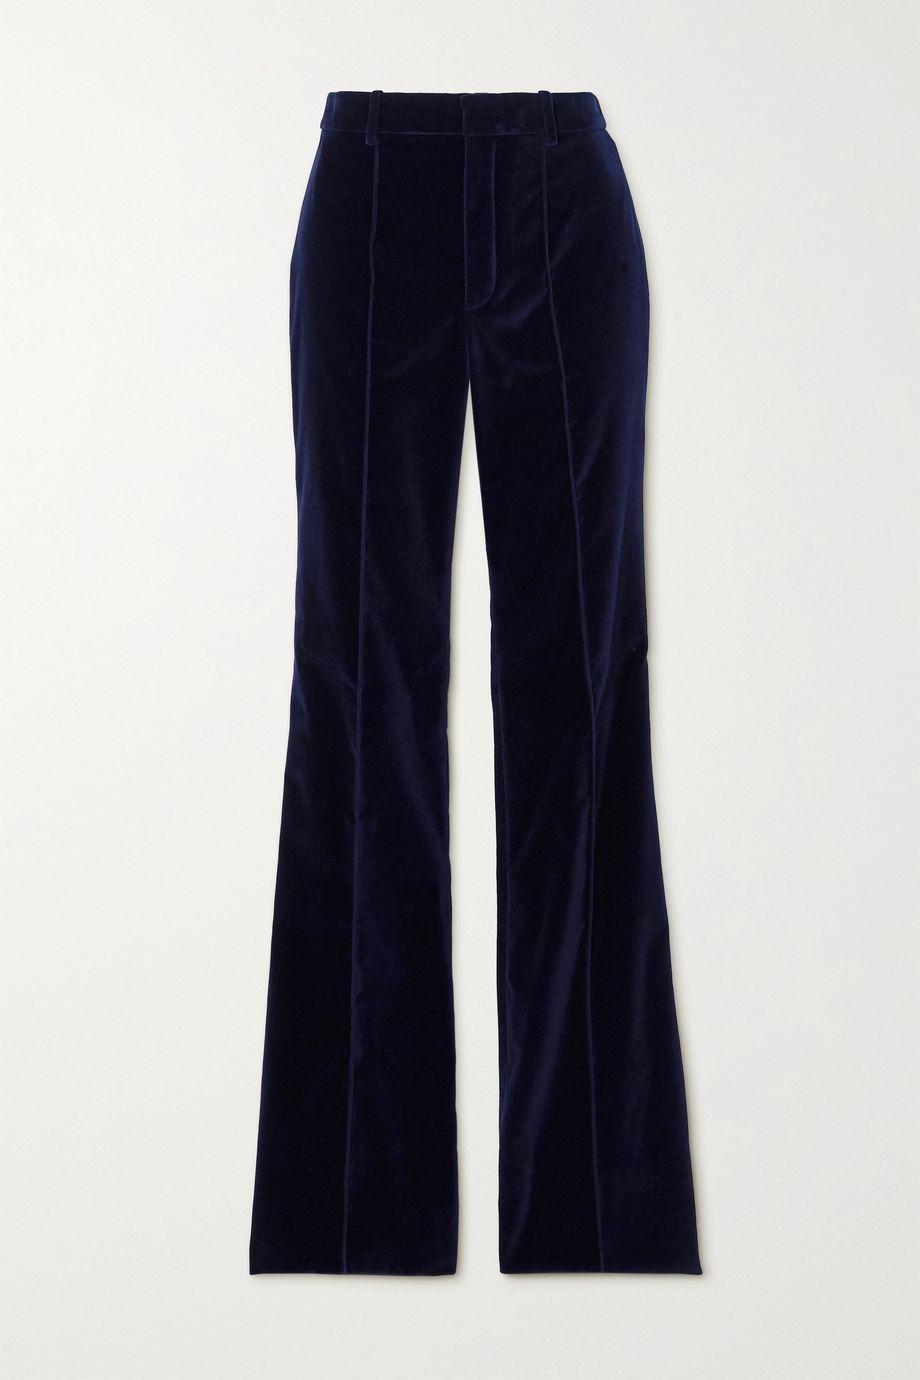 SAINT LAURENT Velvet flared pants